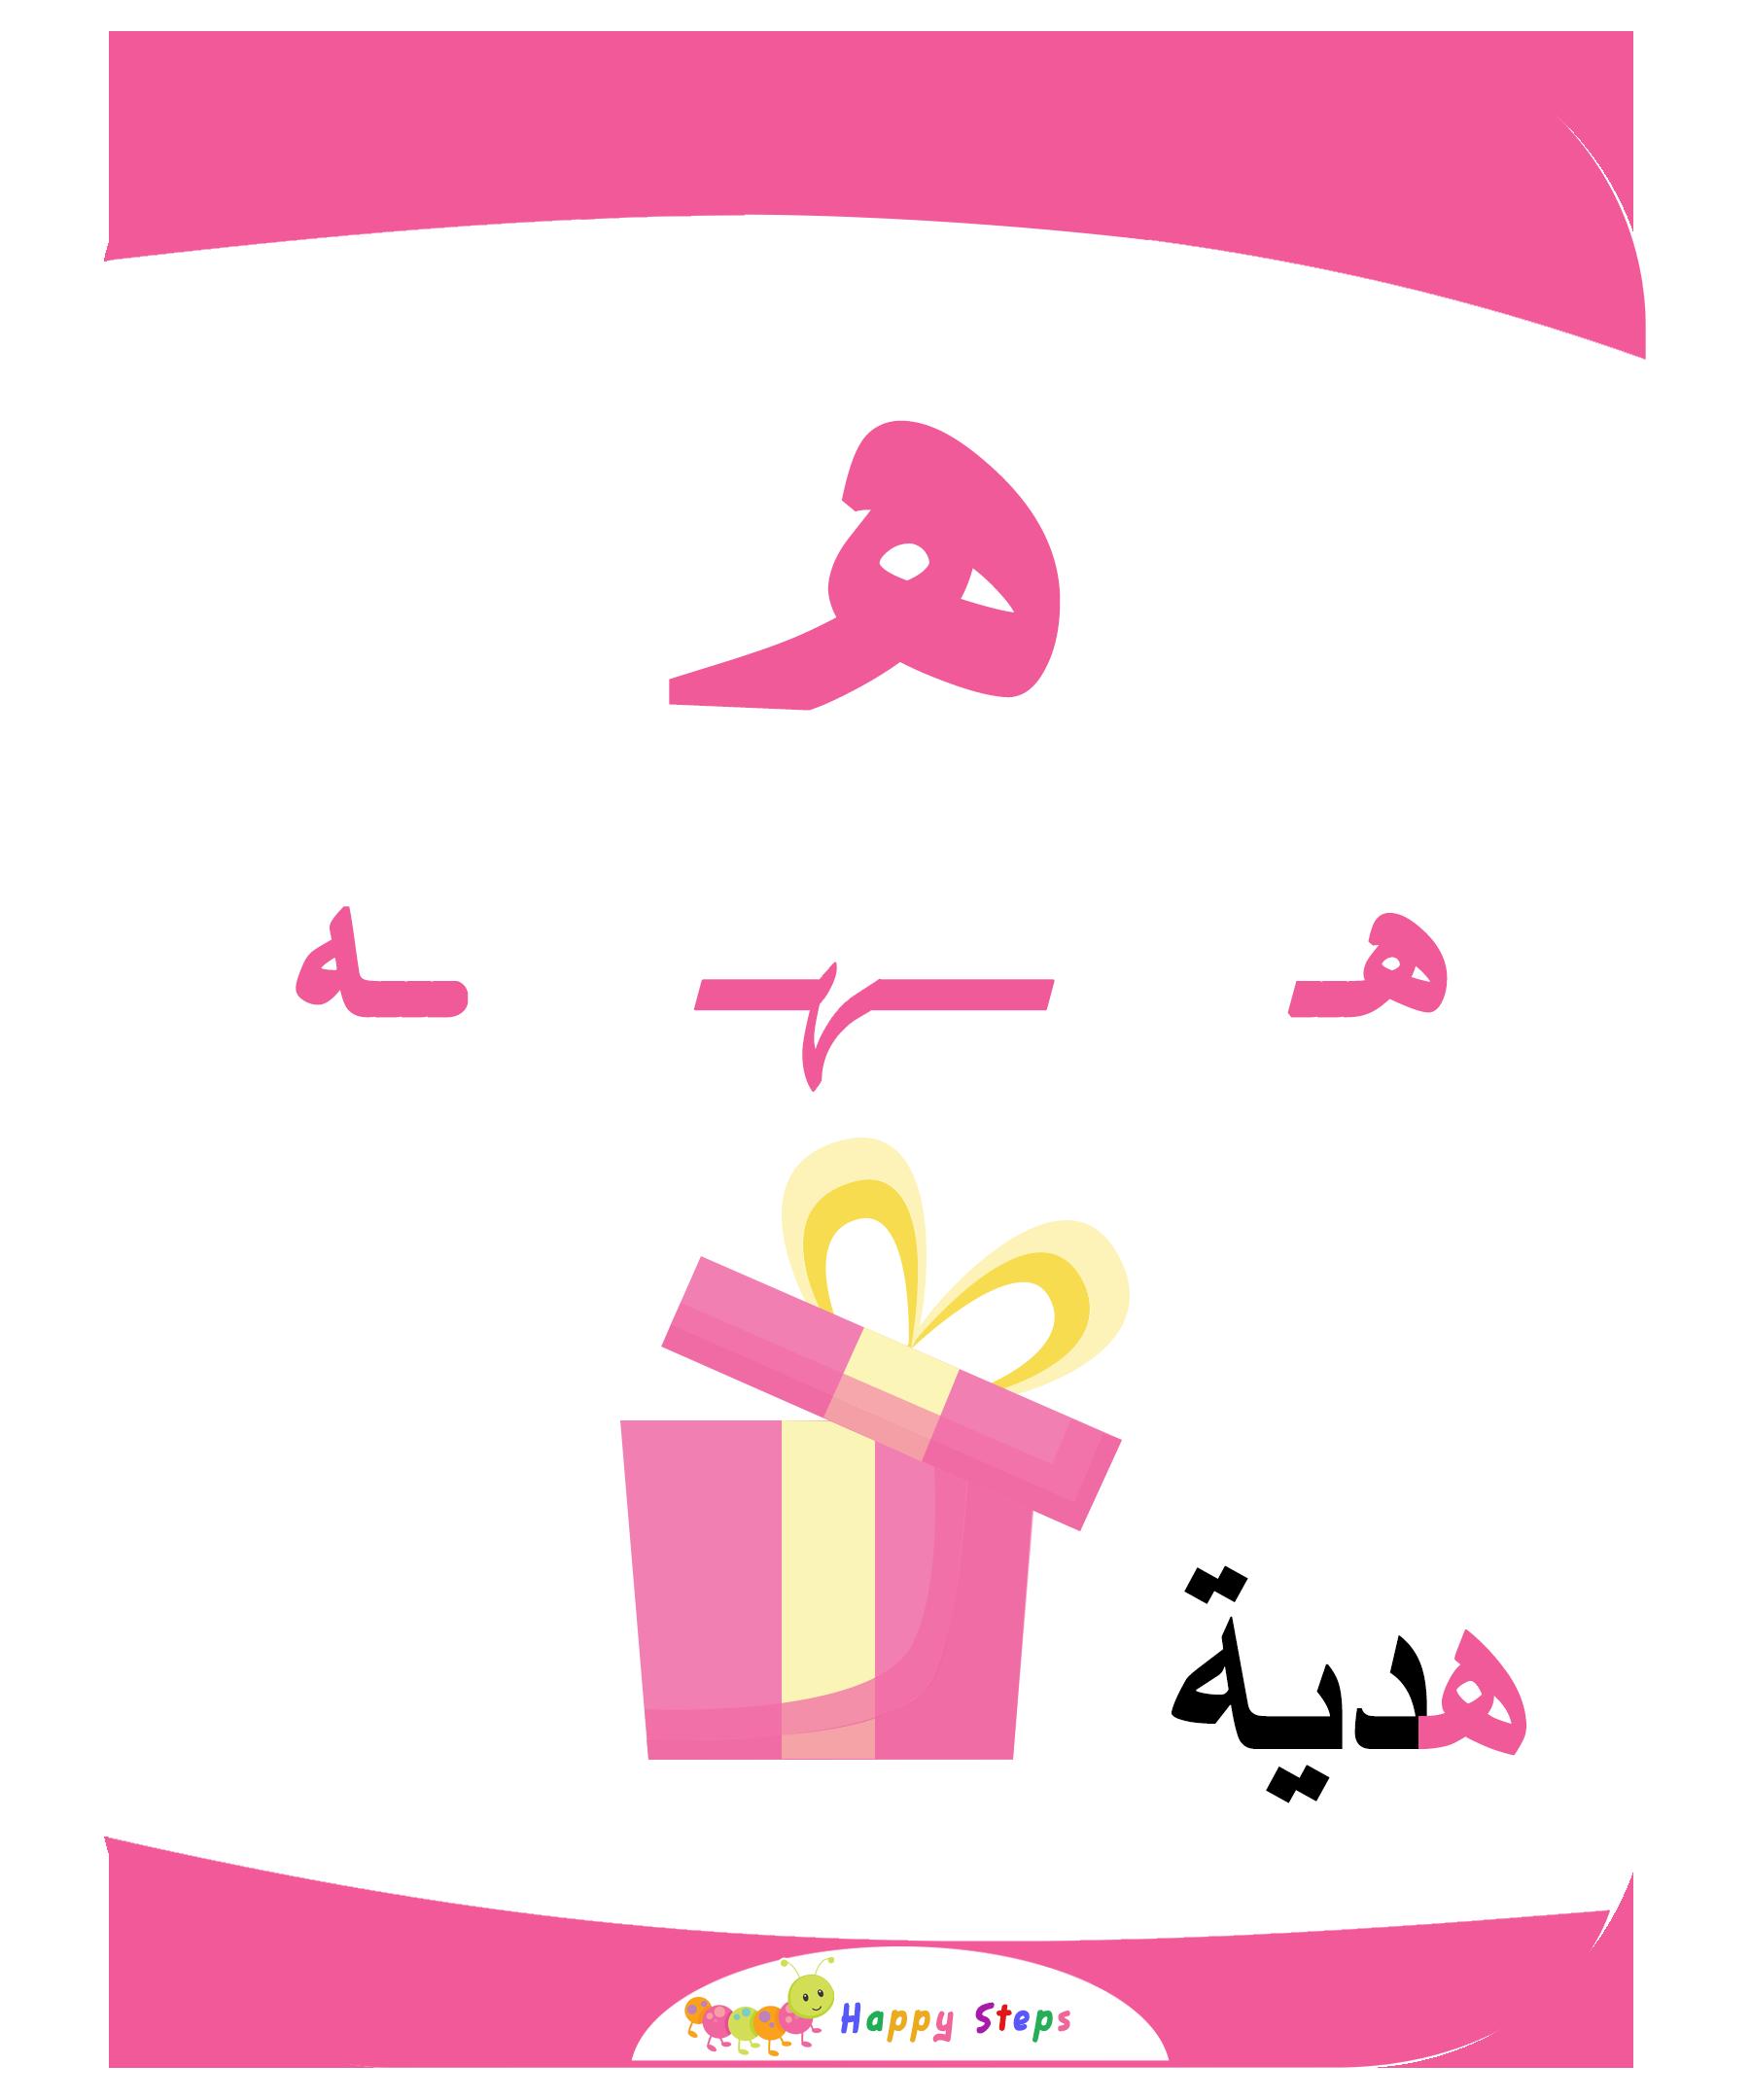 بطاقات الحروف العربية حرف الهاء هدية Worksheets For Kids Flashcards Learning Arabic